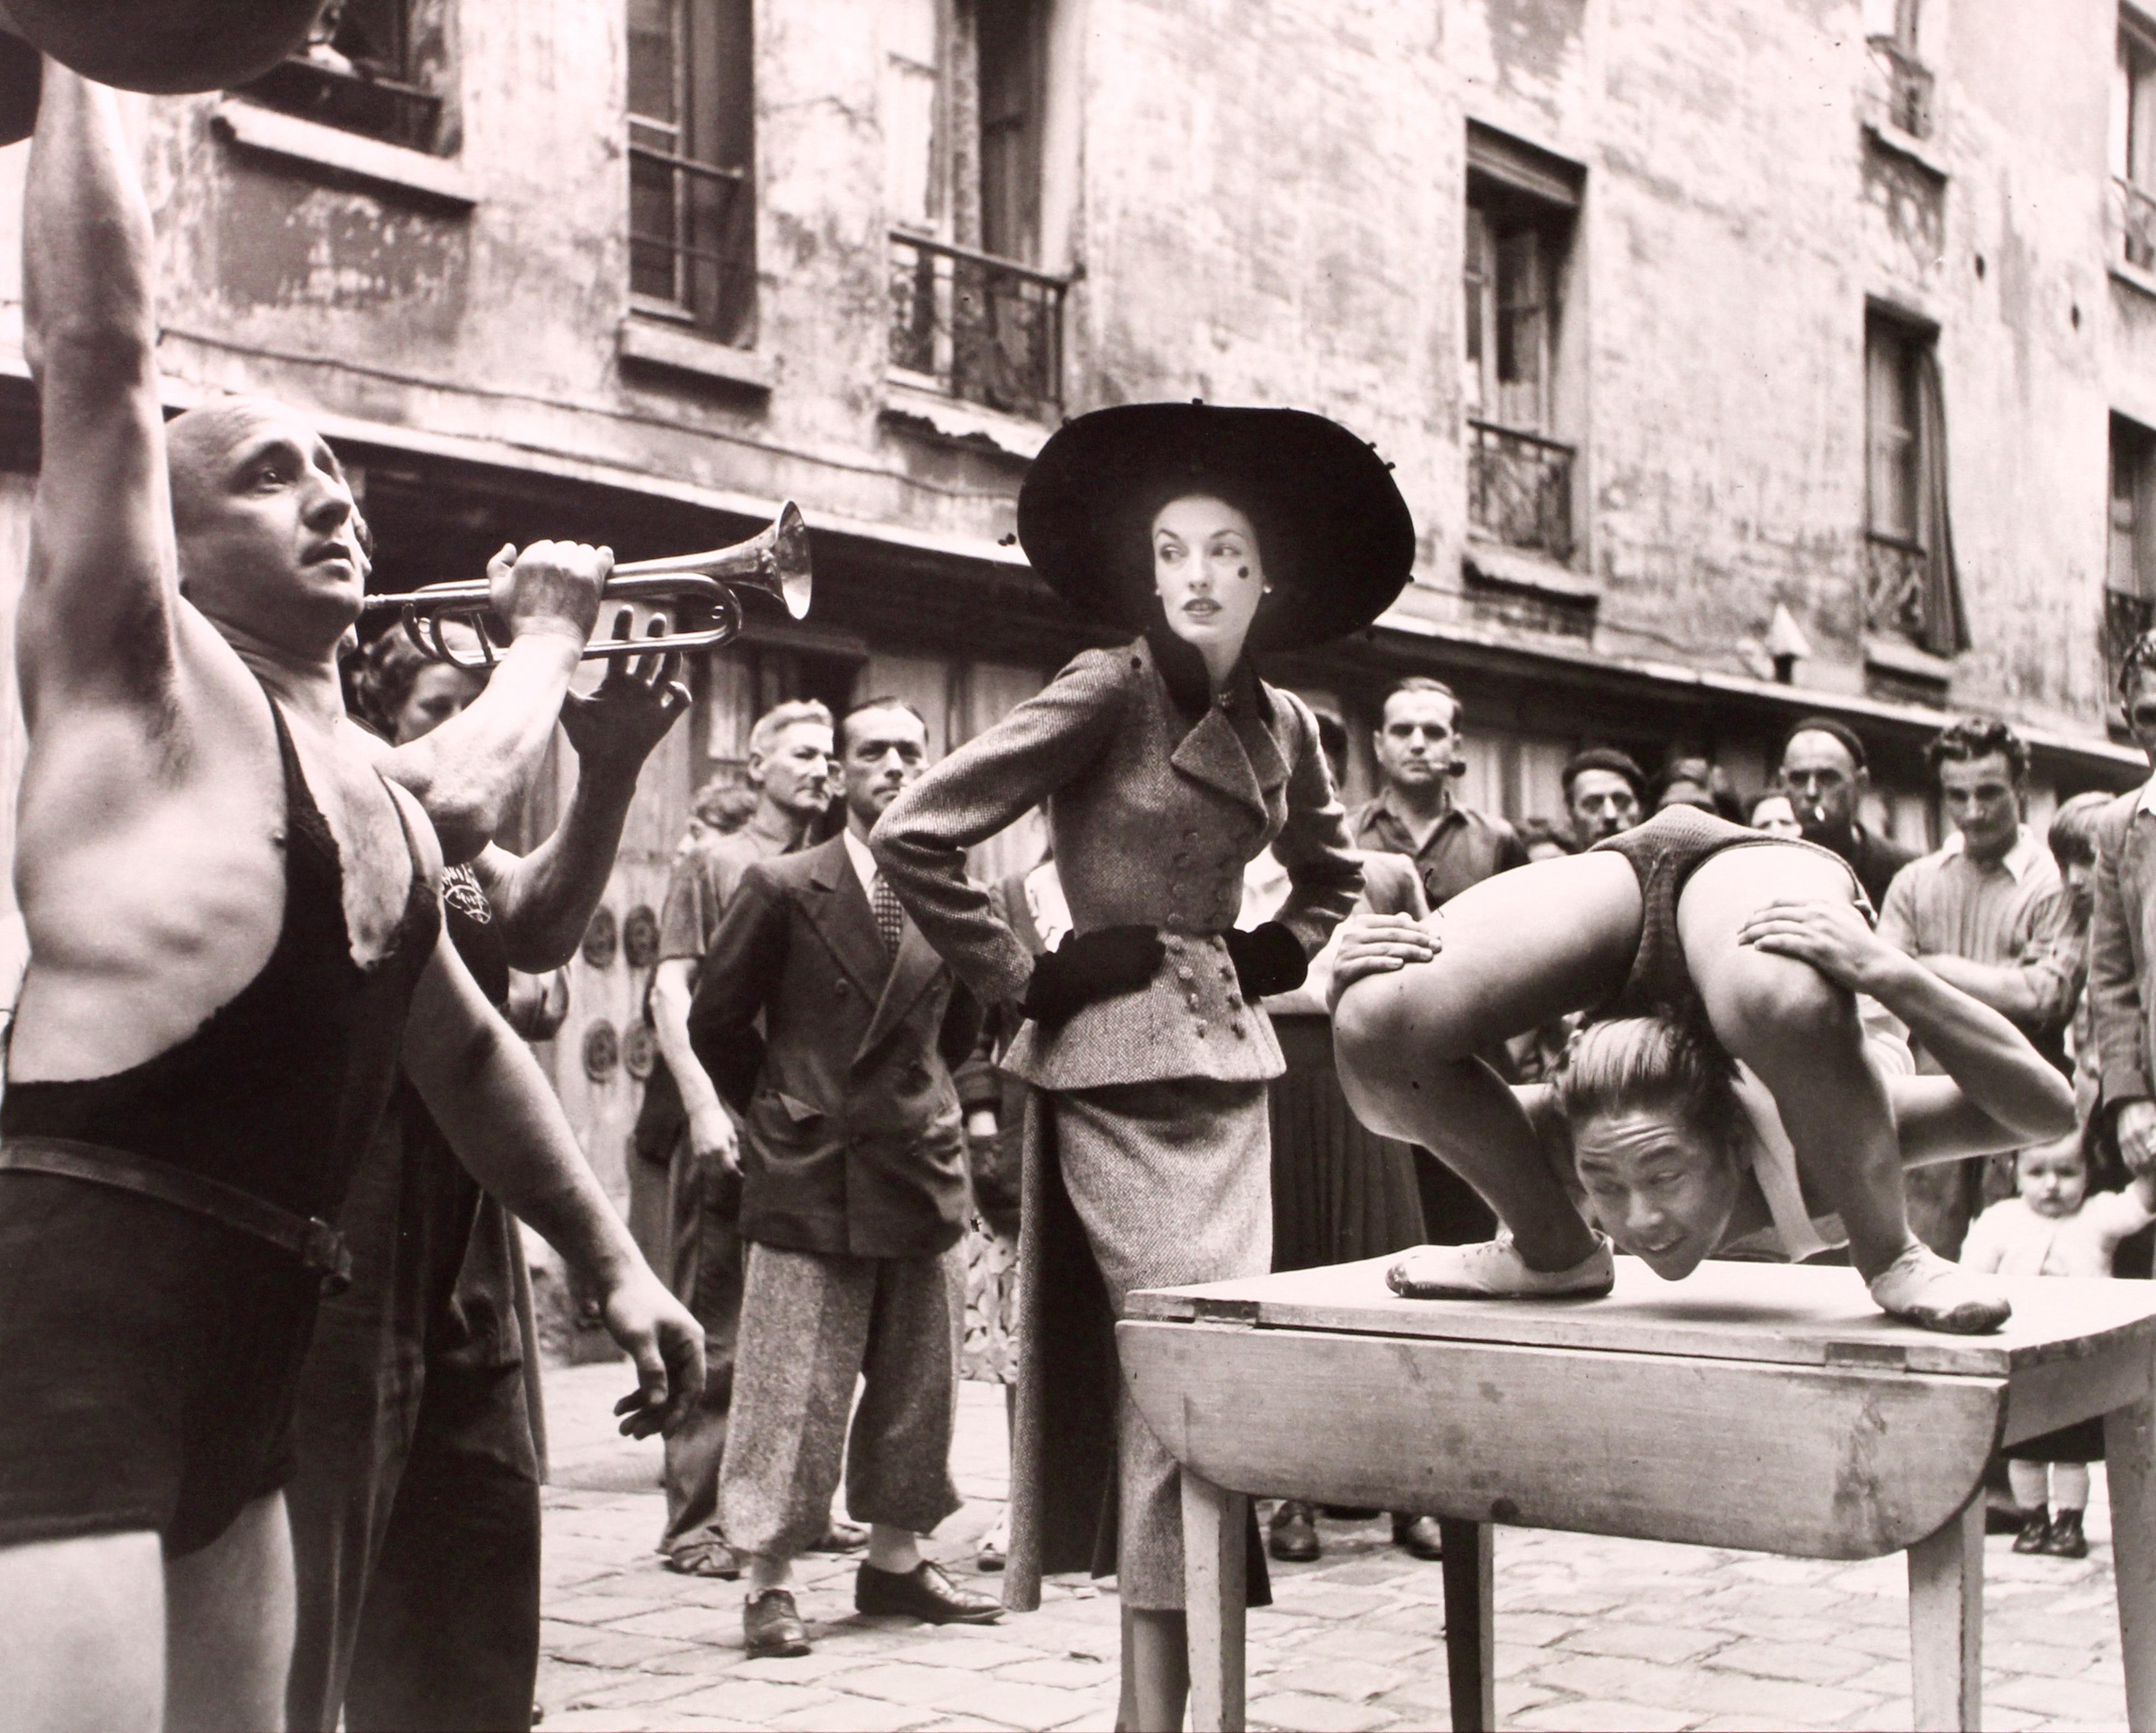 Elise Daniels with Street Performers, Suit by Balenciaga, Le Marais, Paris, Augu